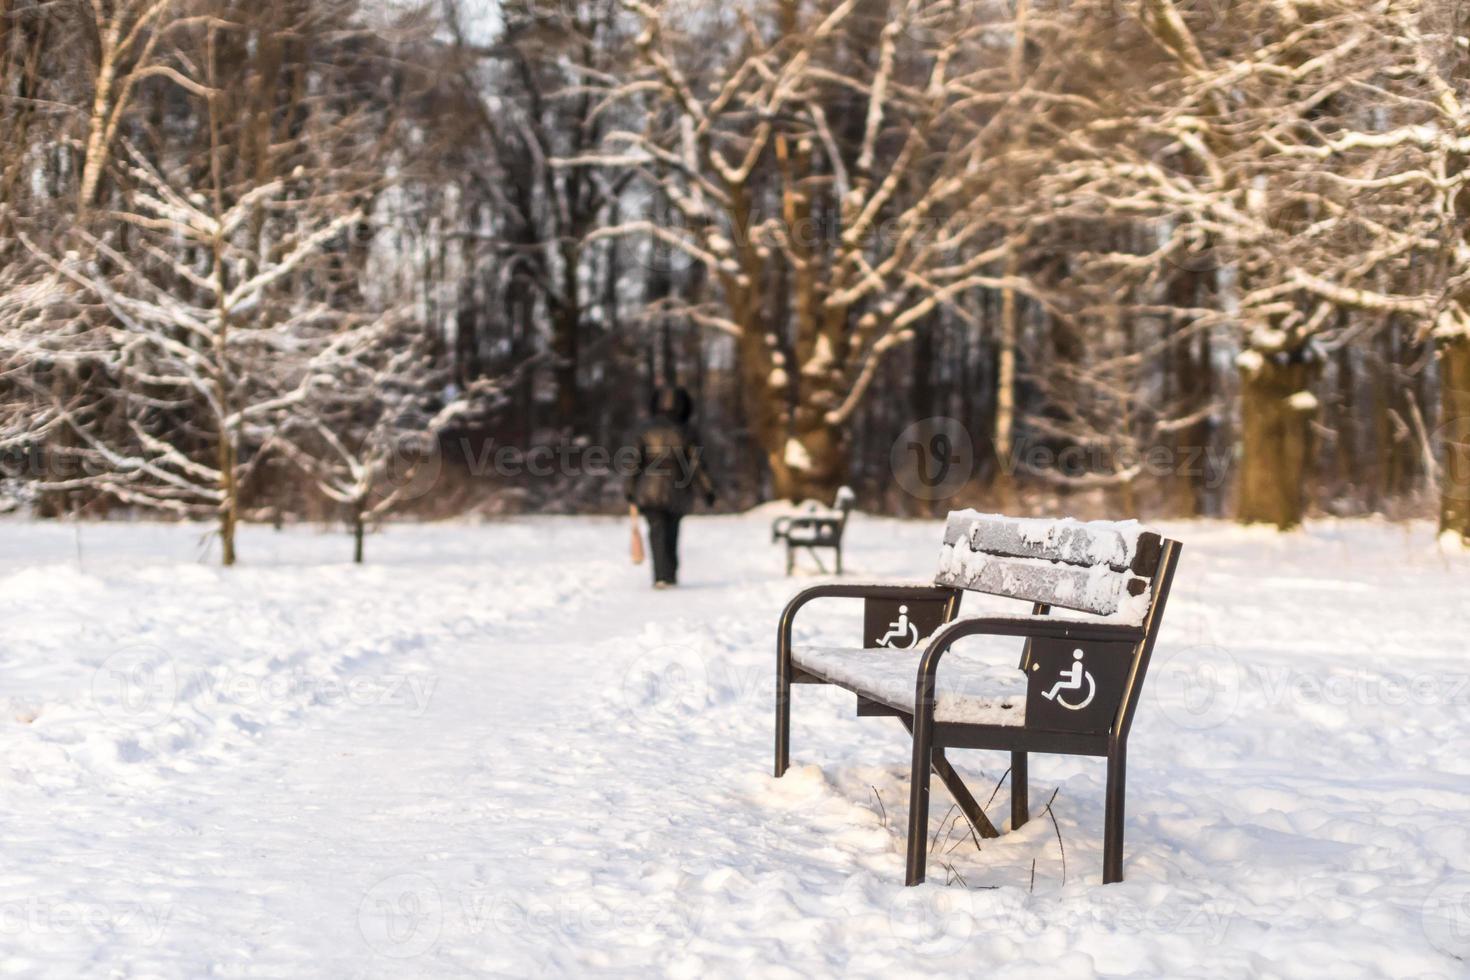 passerella con panchine a winter park. foto